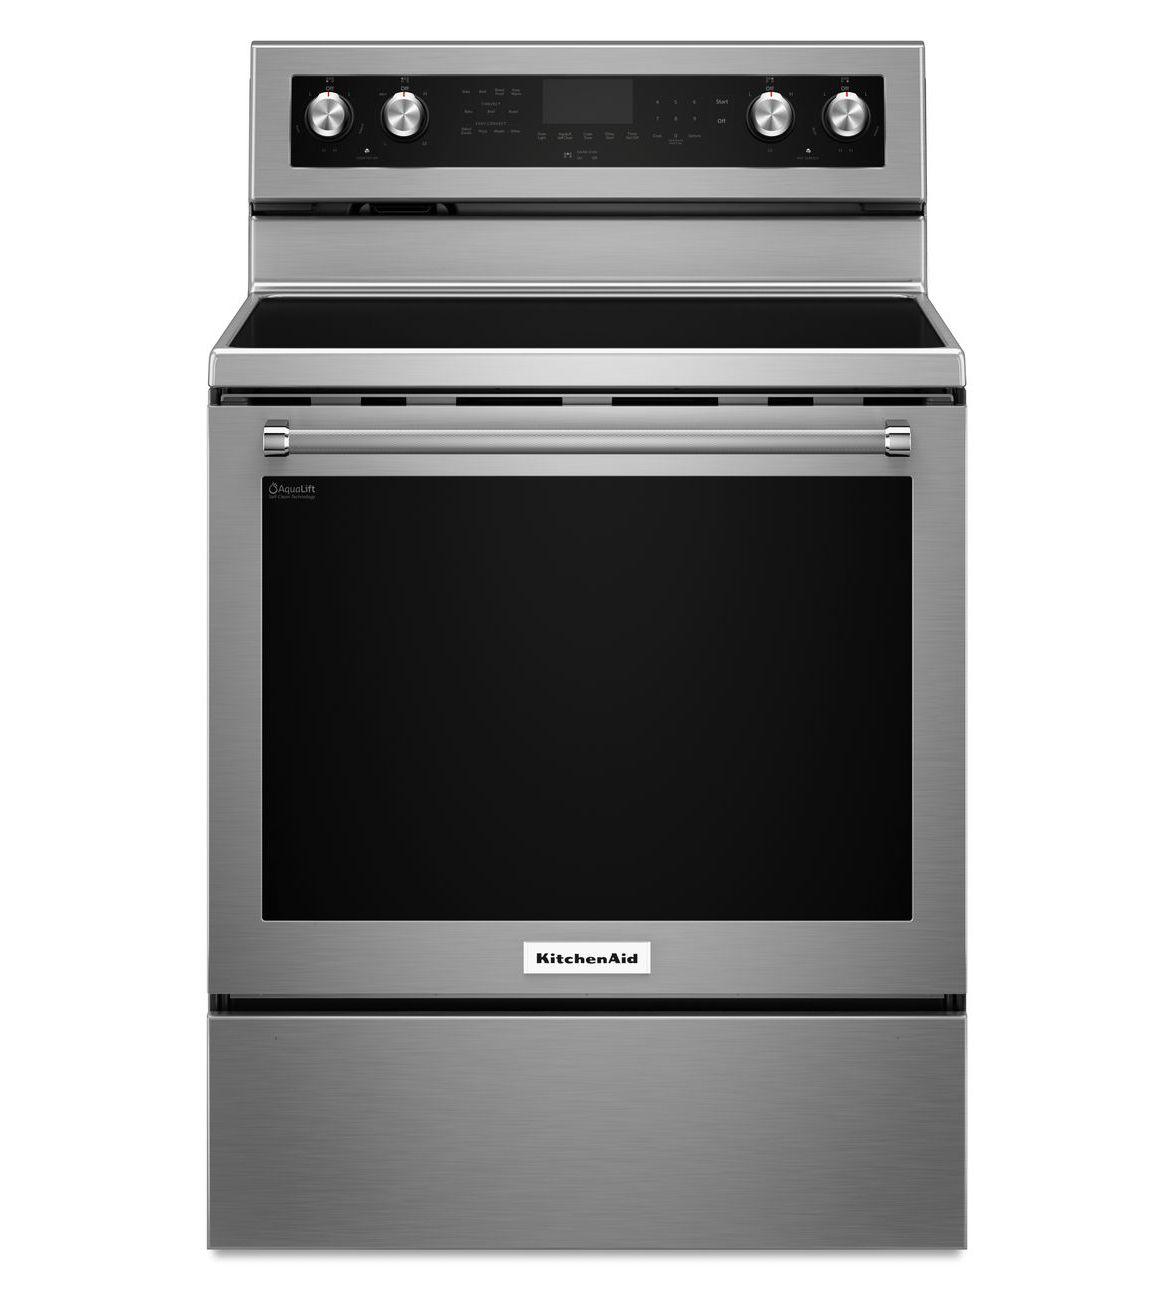 Cuisinière KitchenAid® de 30 pouces électrique, à convection et 5 éléments